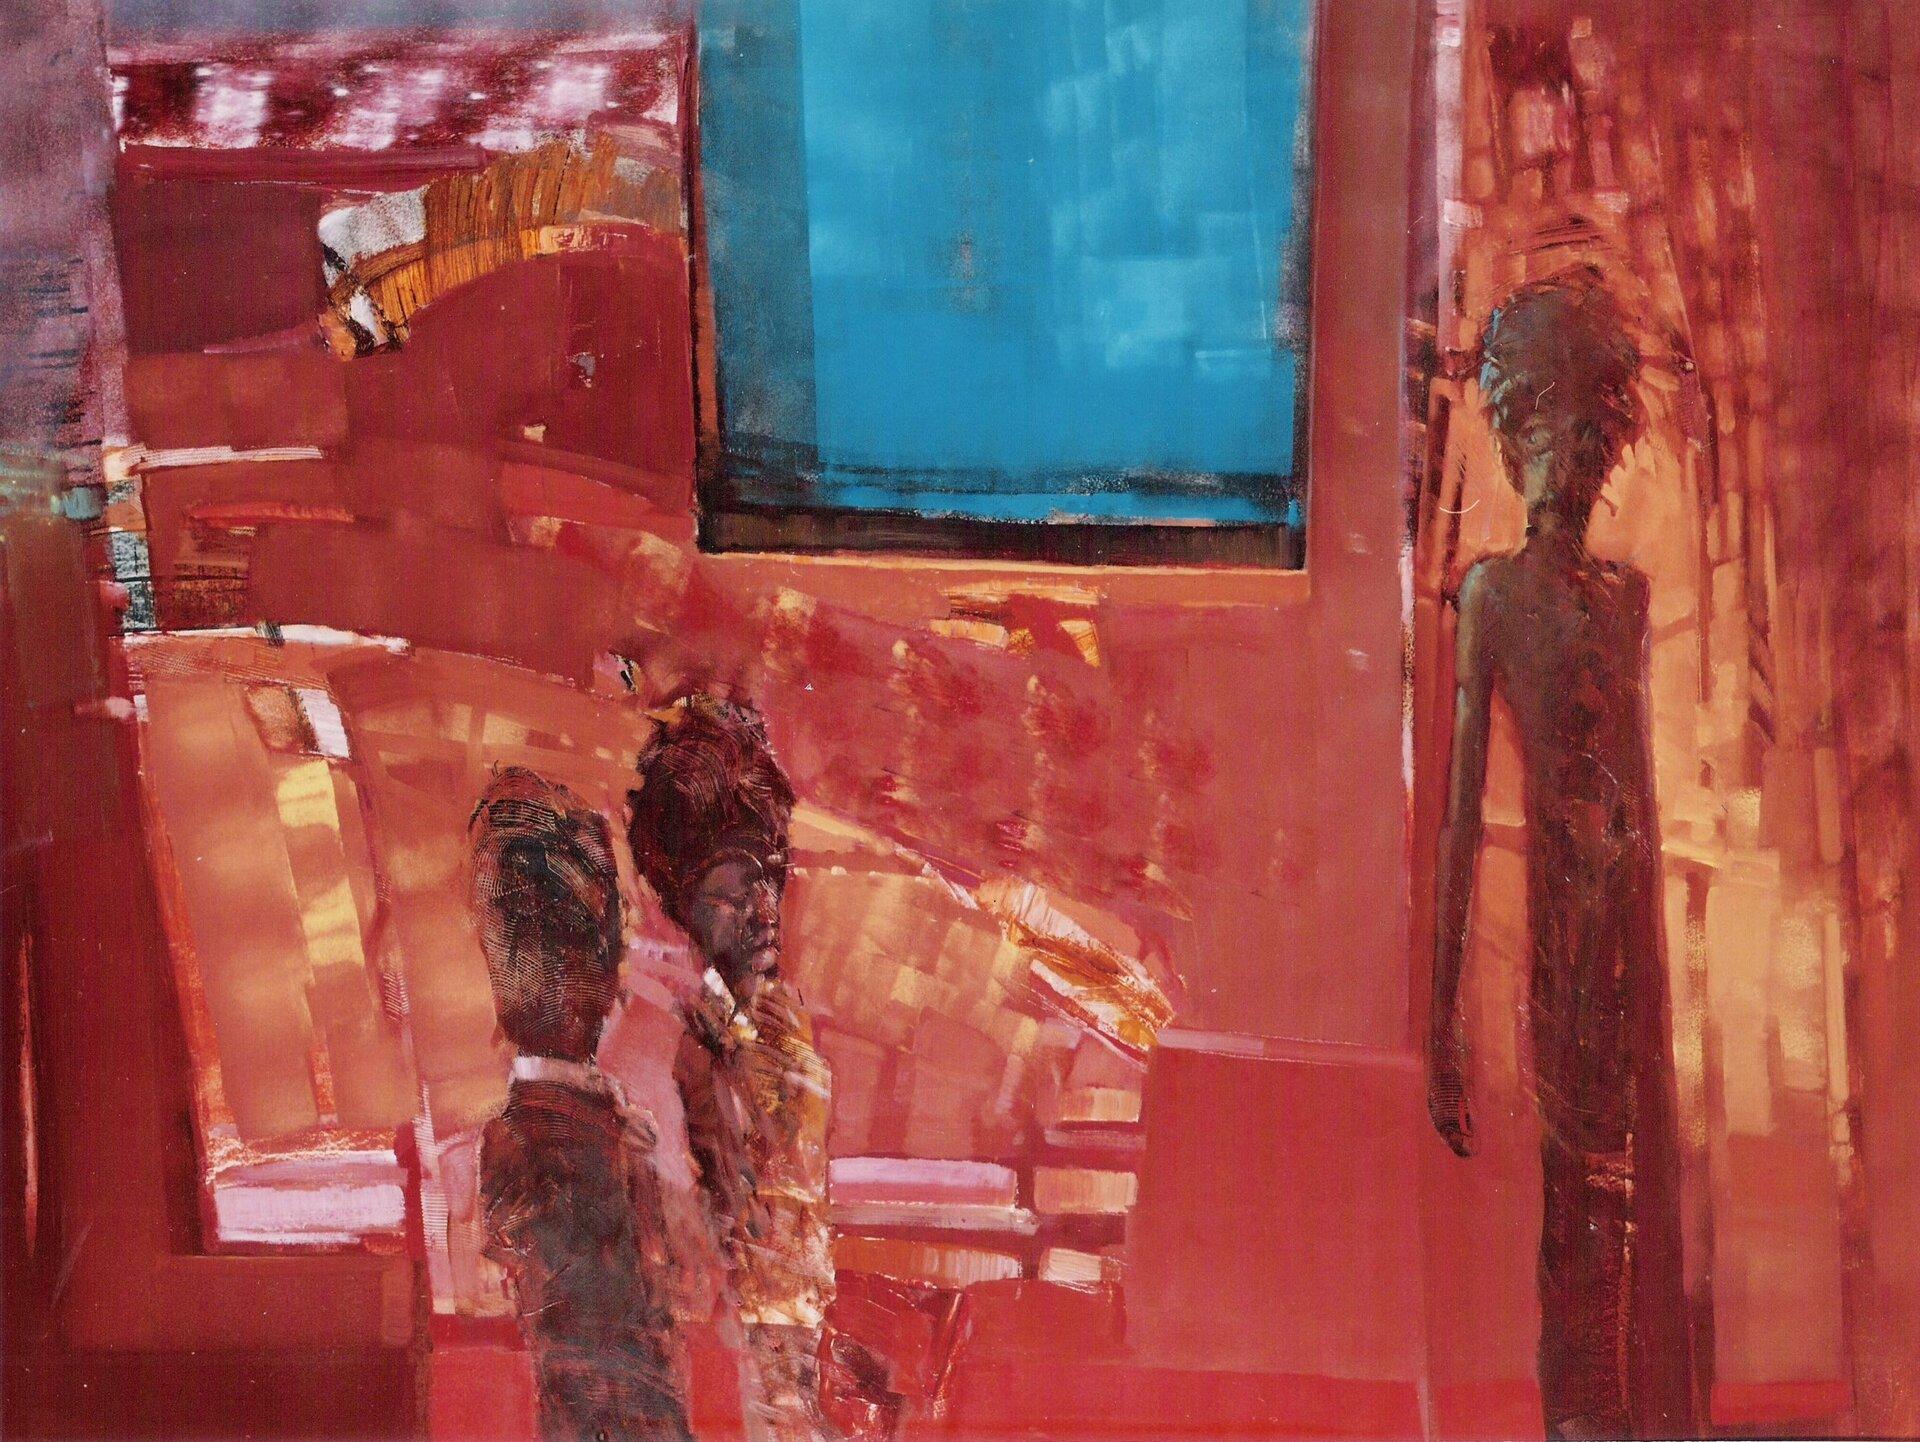 """Ilustracja przedstawia obraz olejny """"We wnętrzu"""" autorstwa Piotra Klugowskiego. Praca ukazuje malowane szeroką plamą, uproszczone trzy postacie prawdopodobnie kobiet owysokich fryzurach namalowane wbrązowo-czerwono-żółtej tonacji. Jedna wydłużona sylwetka znajduje się po prawej stronie kompozycji, pozostałe dwie, jakby ucięte postacie. umieszczone są wdolnej lewej części obrazu. Tło stanowi abstrakcyjna kompozycja składająca się zczerwono-żółtych plam oraz niebieskiego prostokąta okna ugóry. Obraz cechuje się dużym uproszczeniem form. Dla artysty nie jest ważny detal. Przy pomocy prostych środków wyrazu stara się oddać nastrój przedstawionej sceny. Praca wykonana została wciepłej, czerwono-żółtej gamie barw zchłodnym, niebieskim akcentem prostokątnego okna."""